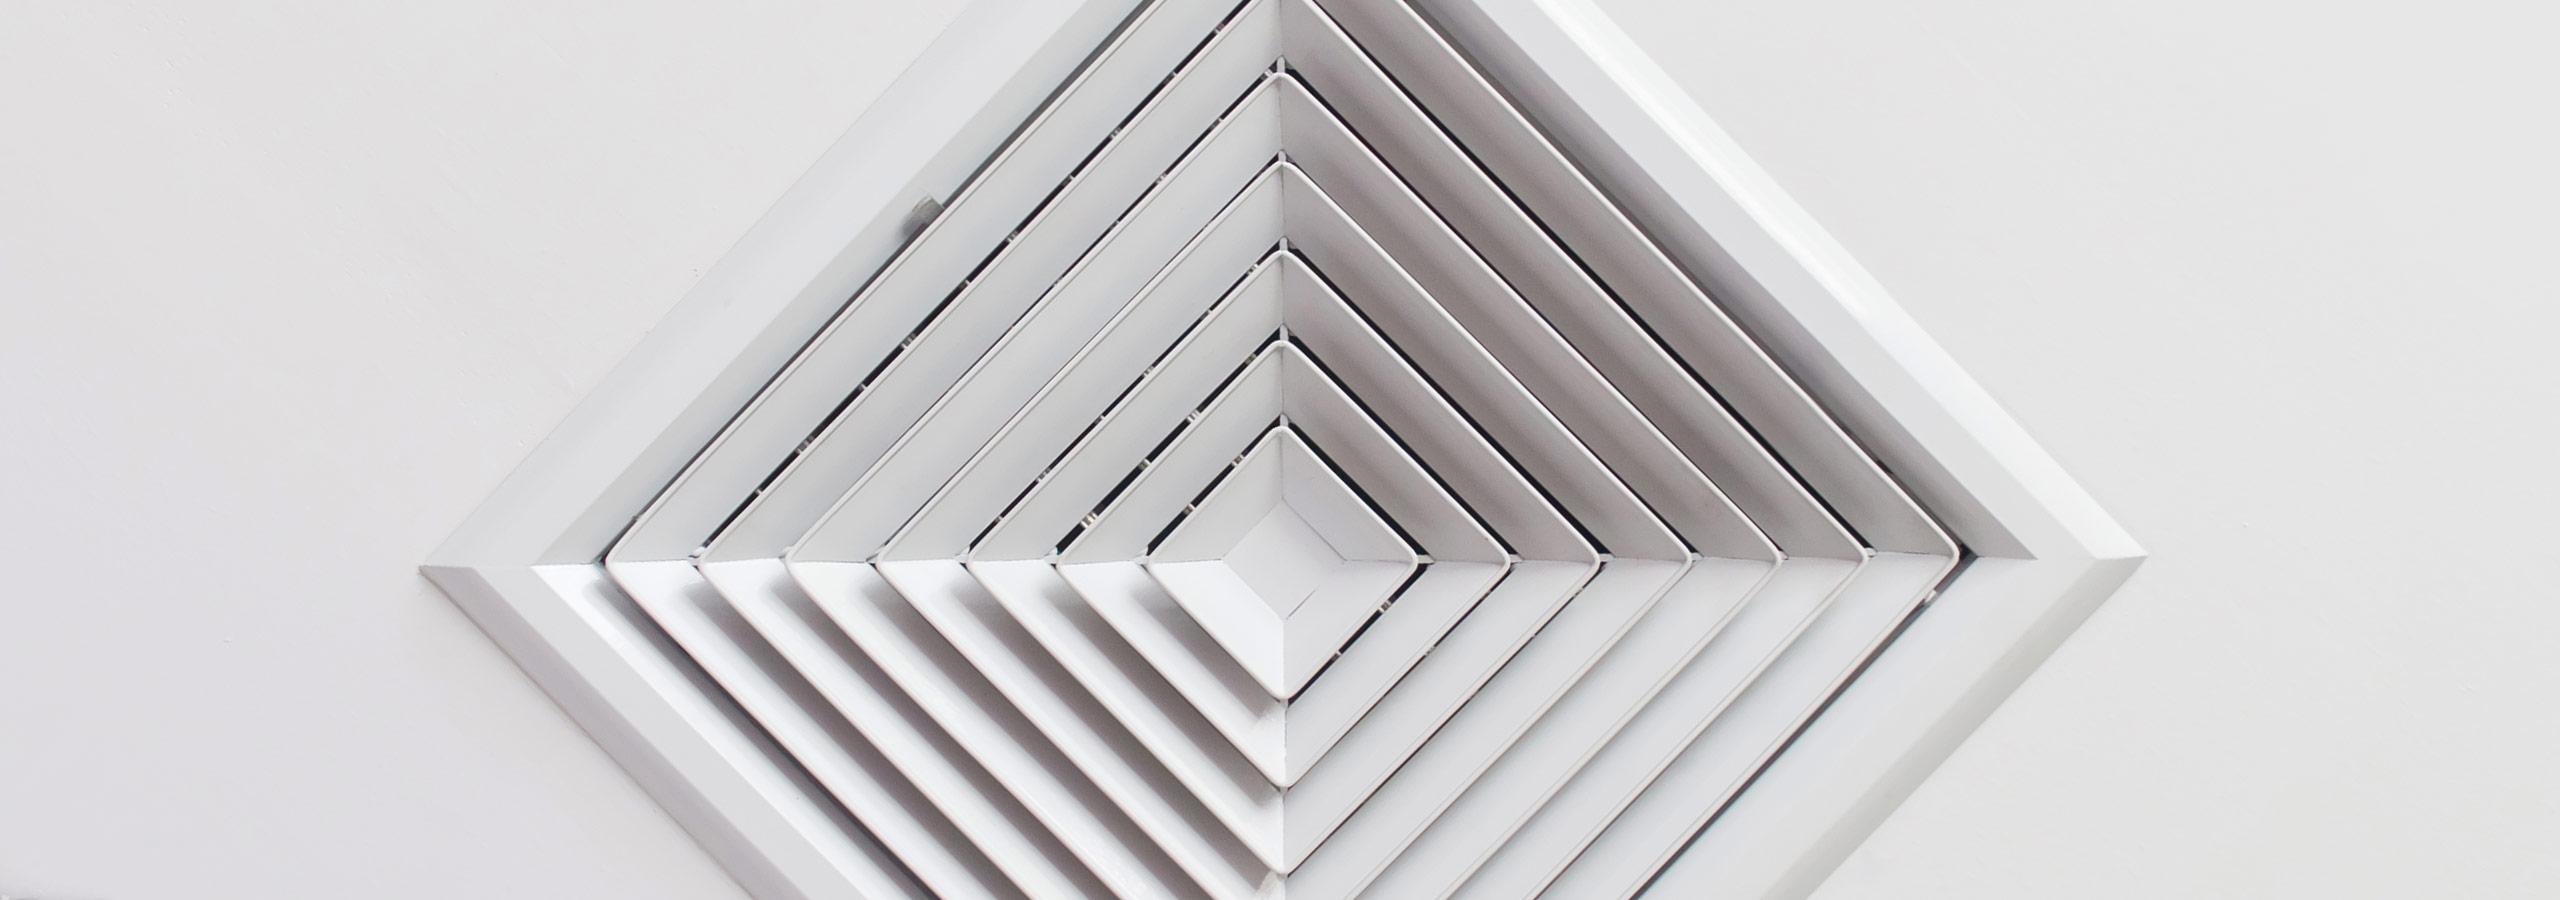 http://www.vanbeekinstallaties.nl/files/thumbnails/slide-van-beek-ventilatie.2560x900.jpg